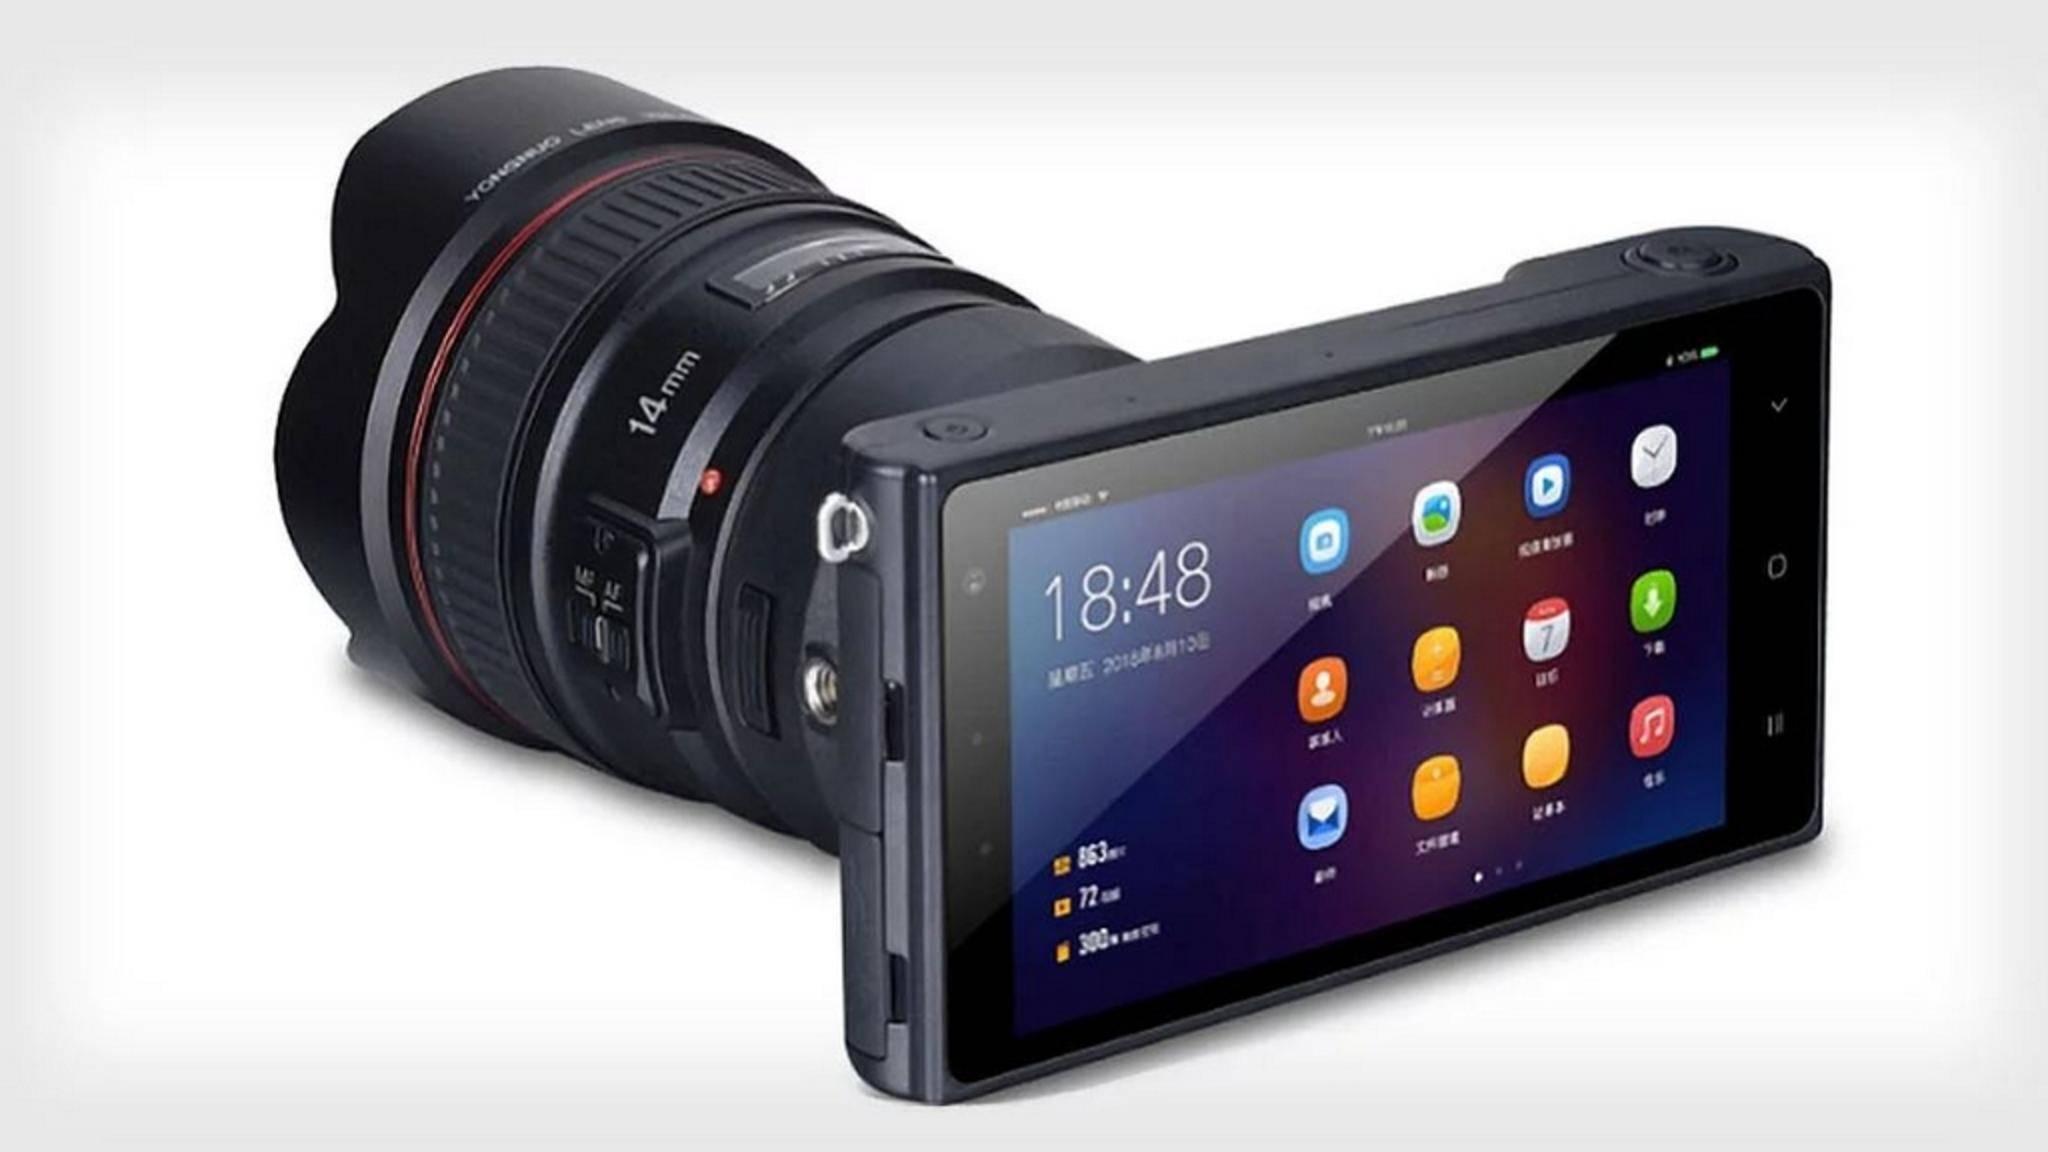 Die Yongnuo YN450 könnte der geistige Nachfolger der Samsung Galaxy Camera werden.